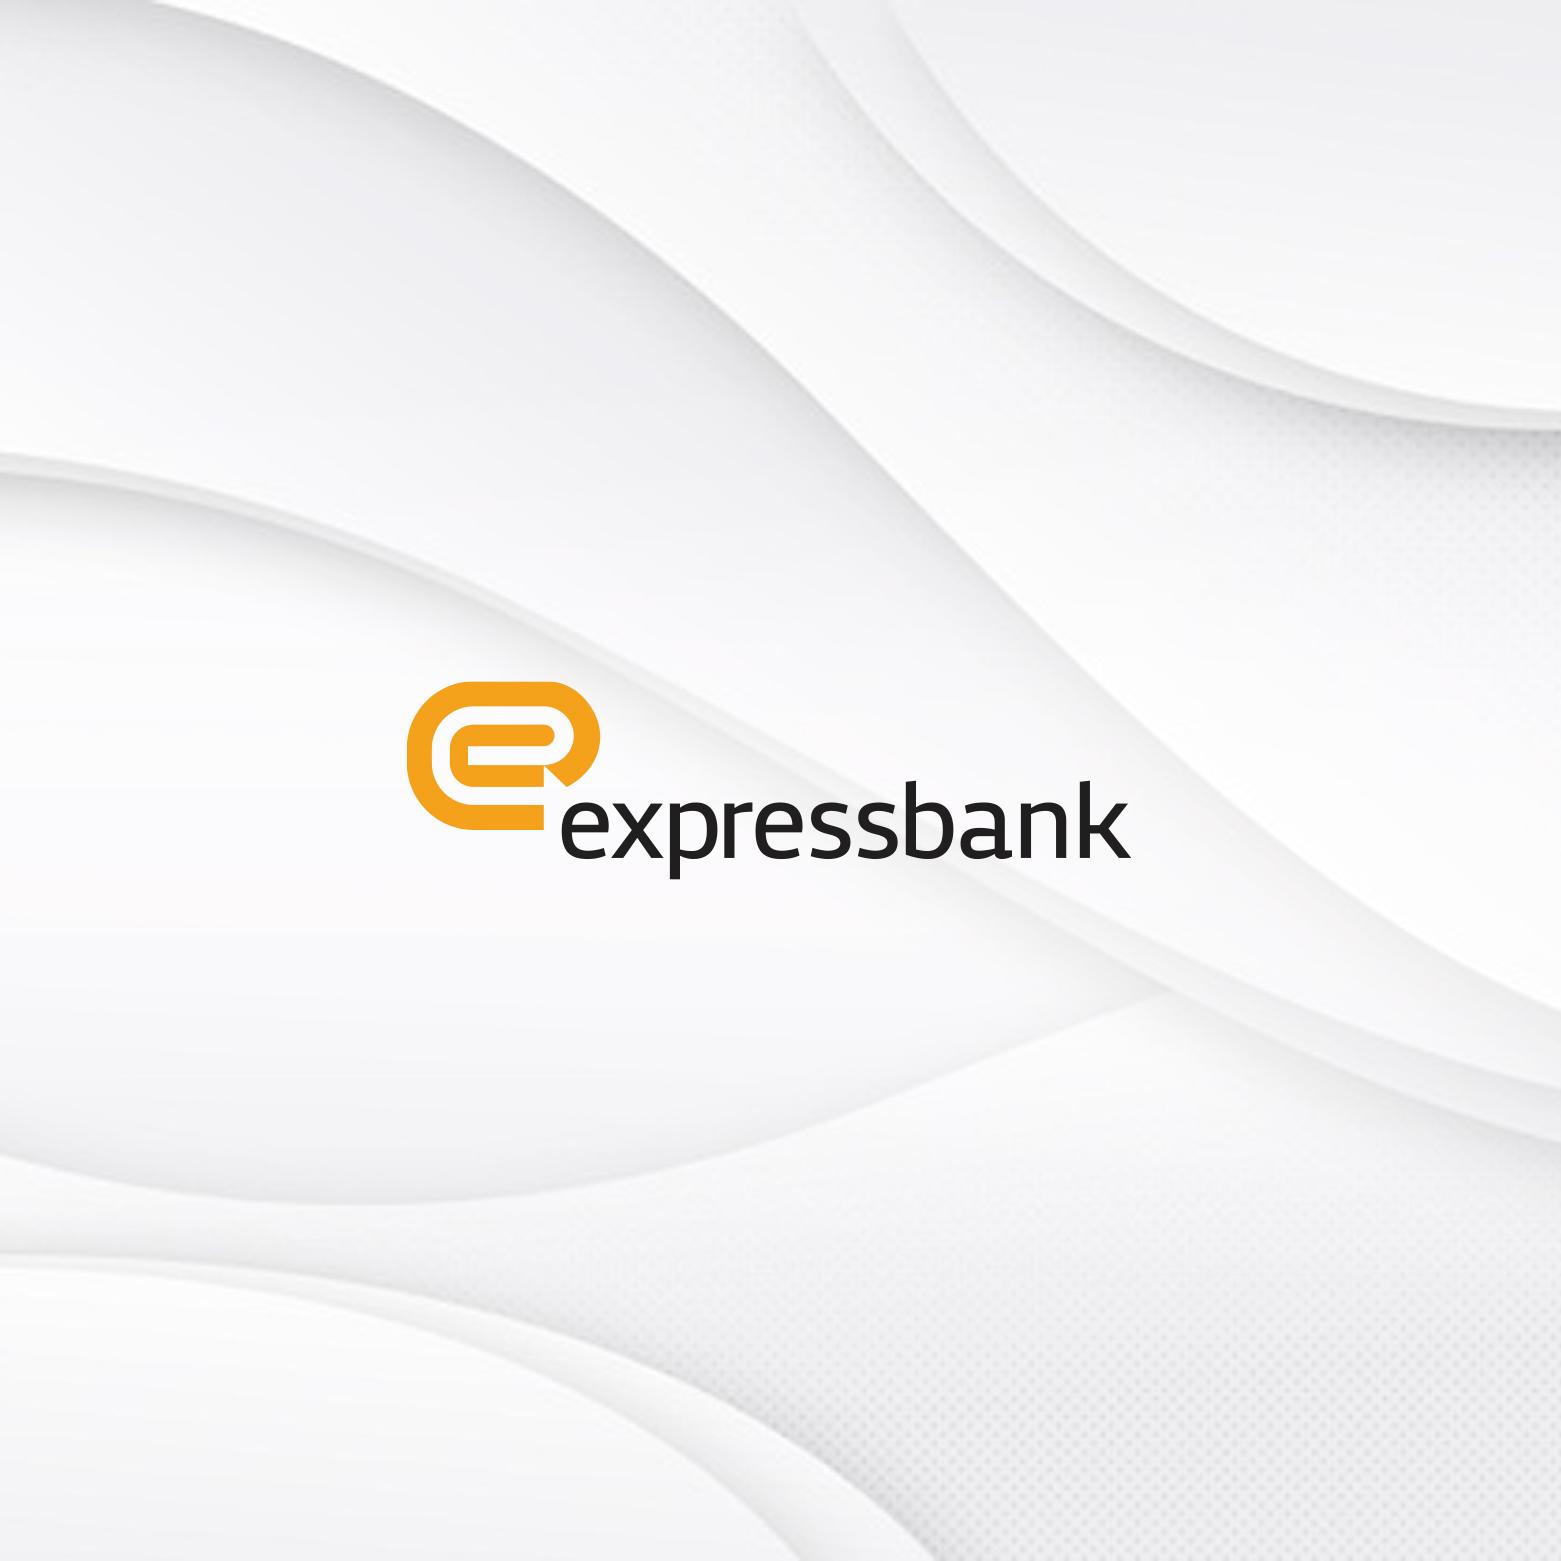 Expressbank fiziki məhdudiyyətli müştərilərinə xüsusi qayğı və diqqət göstərir